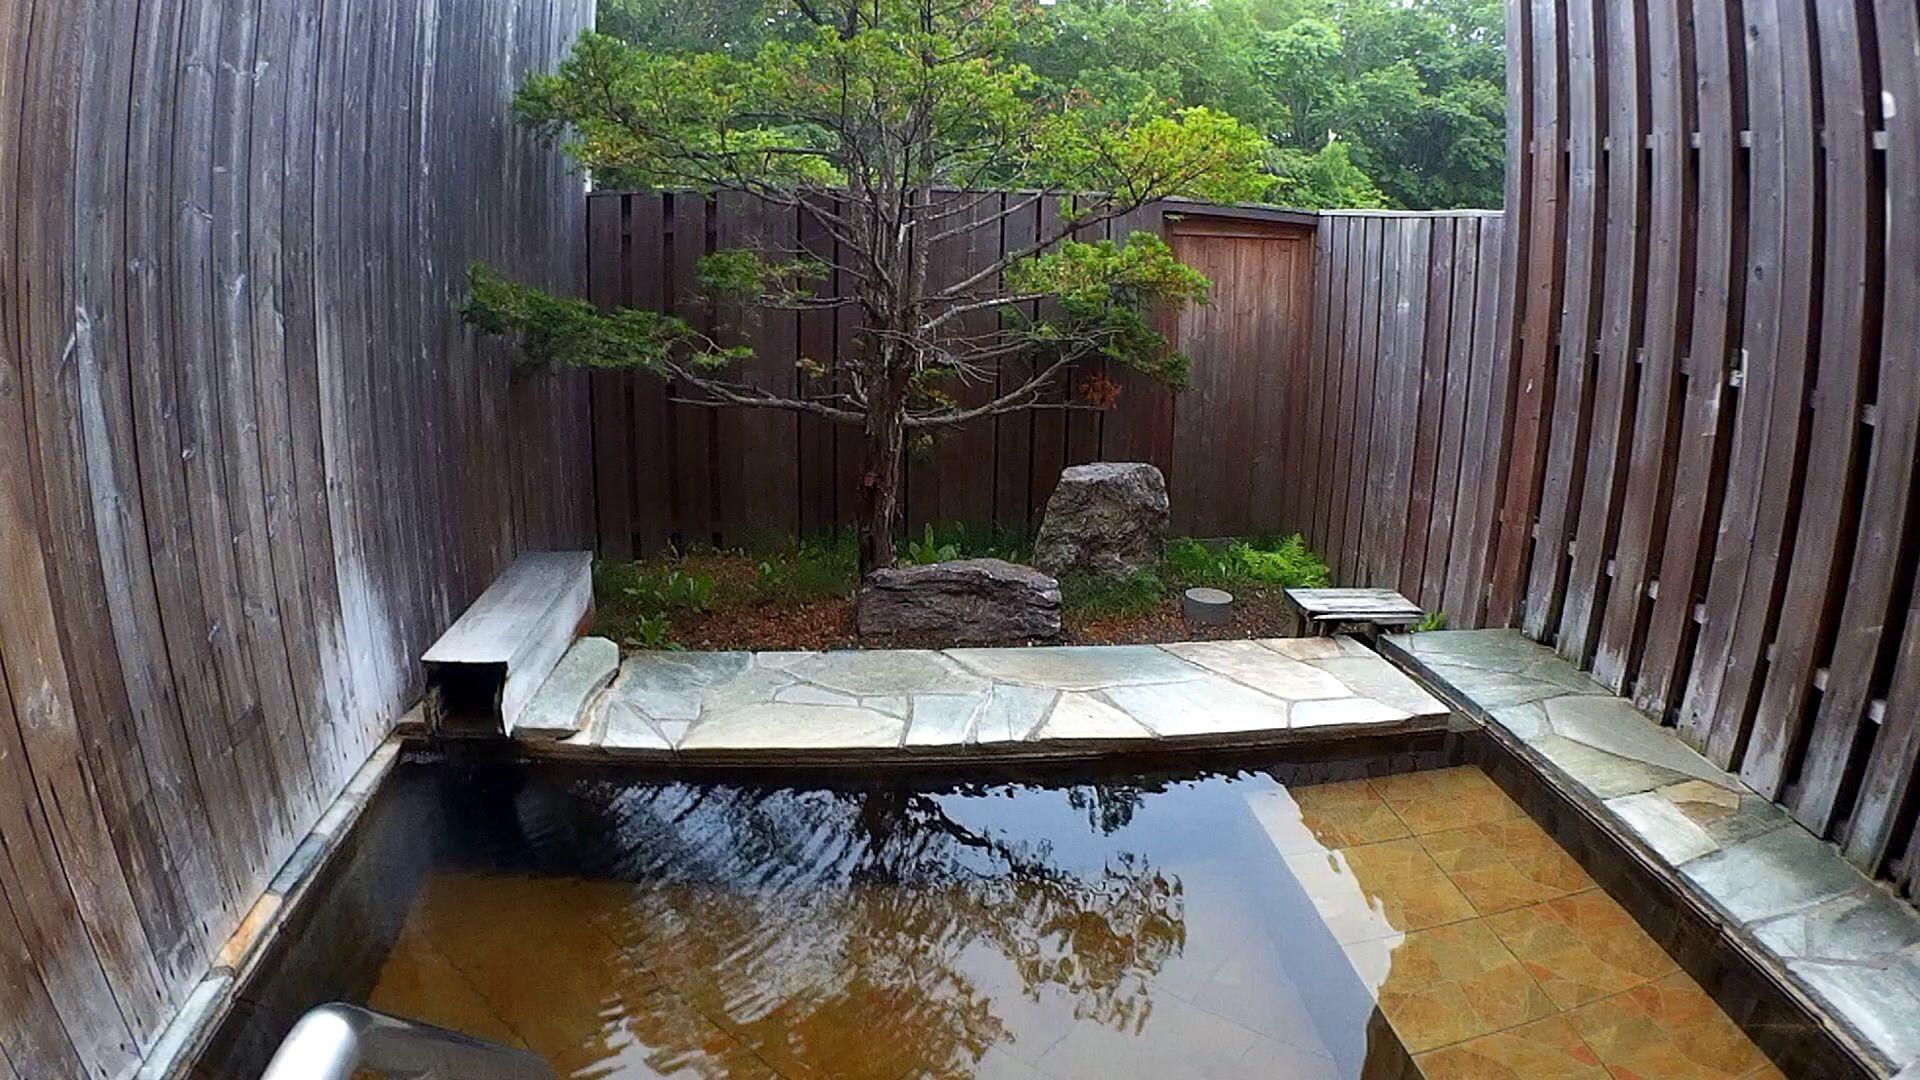 北海道 風呂 客室 露天 北海道で無料入浴!温泉マニア垂涎の露天風呂ベスト6 [北海道の観光・旅行]